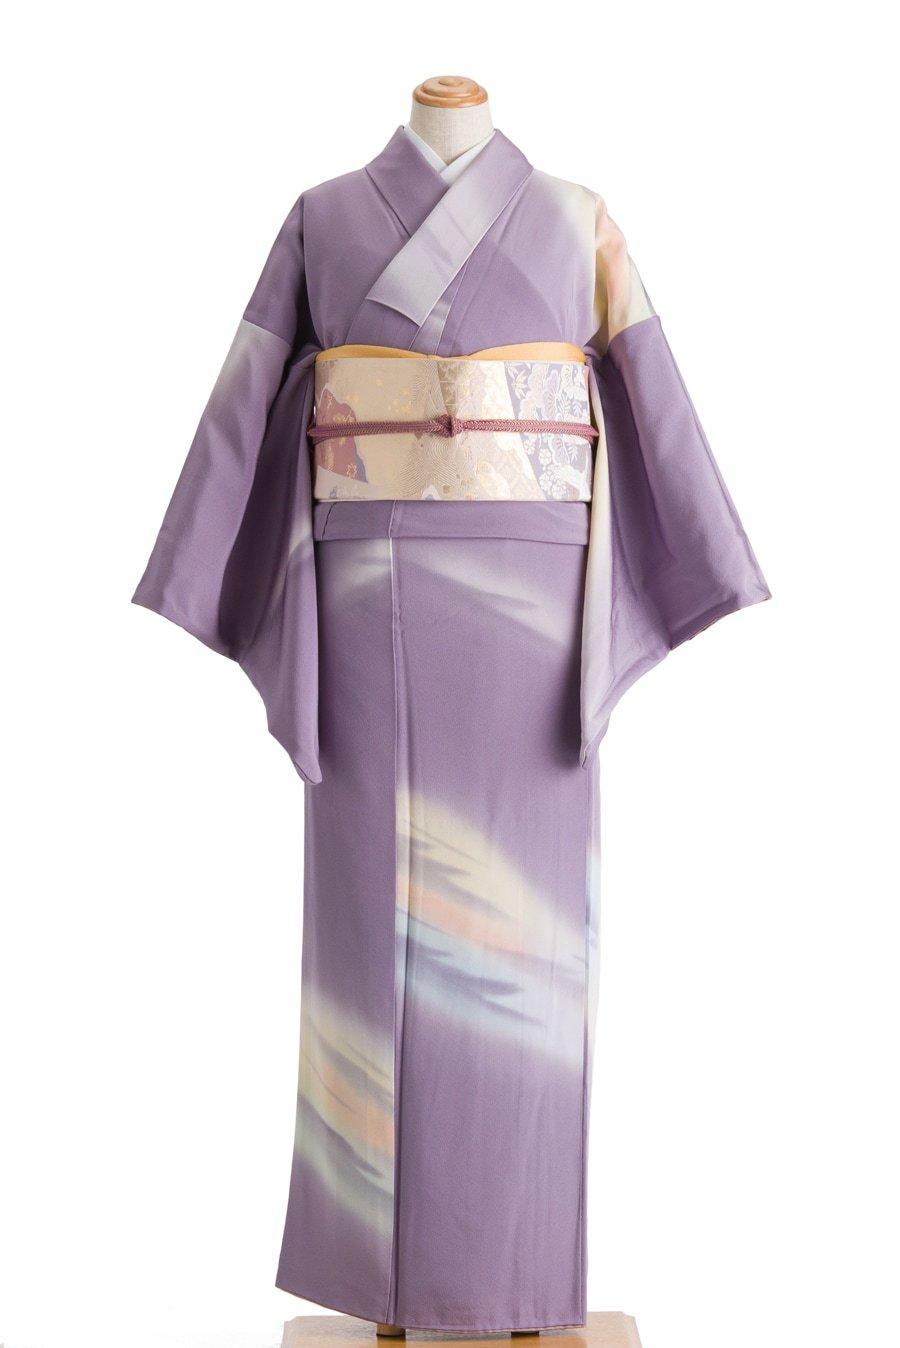 「藤紫の地 朝焼けのような暈し」の商品画像